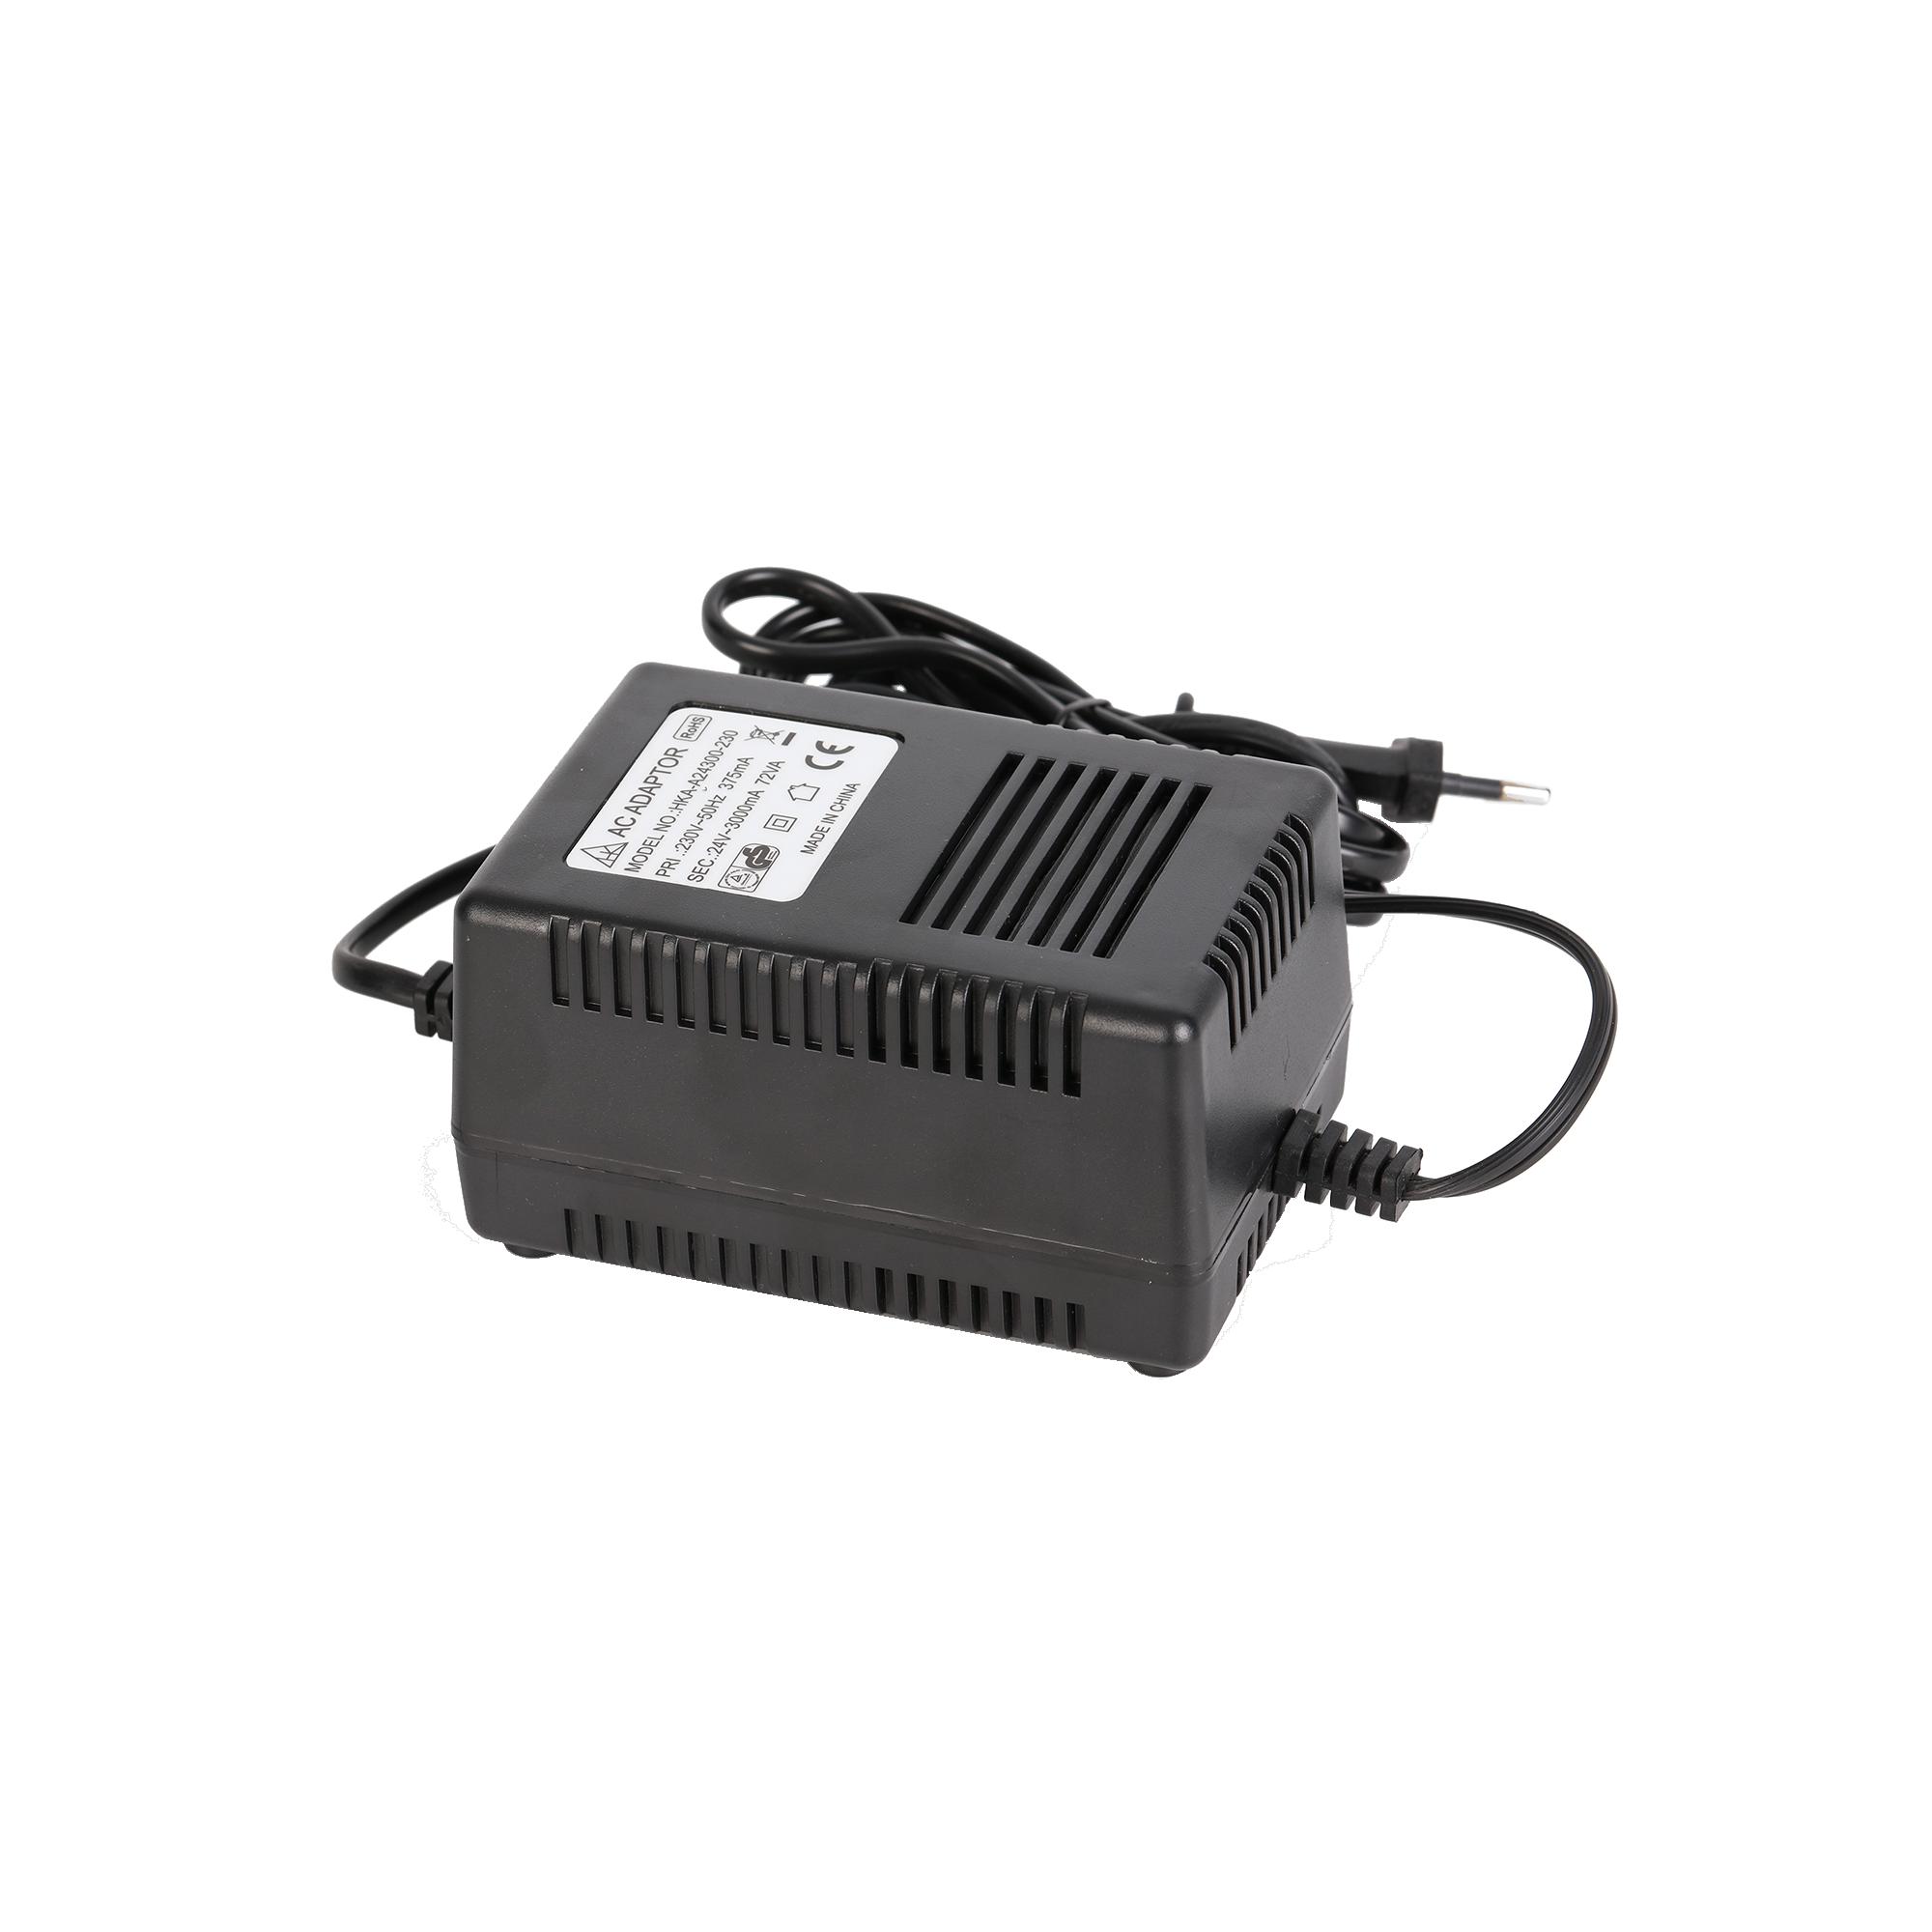 Dahua - AC24V 3A - Accessories - Power Supply | controlex